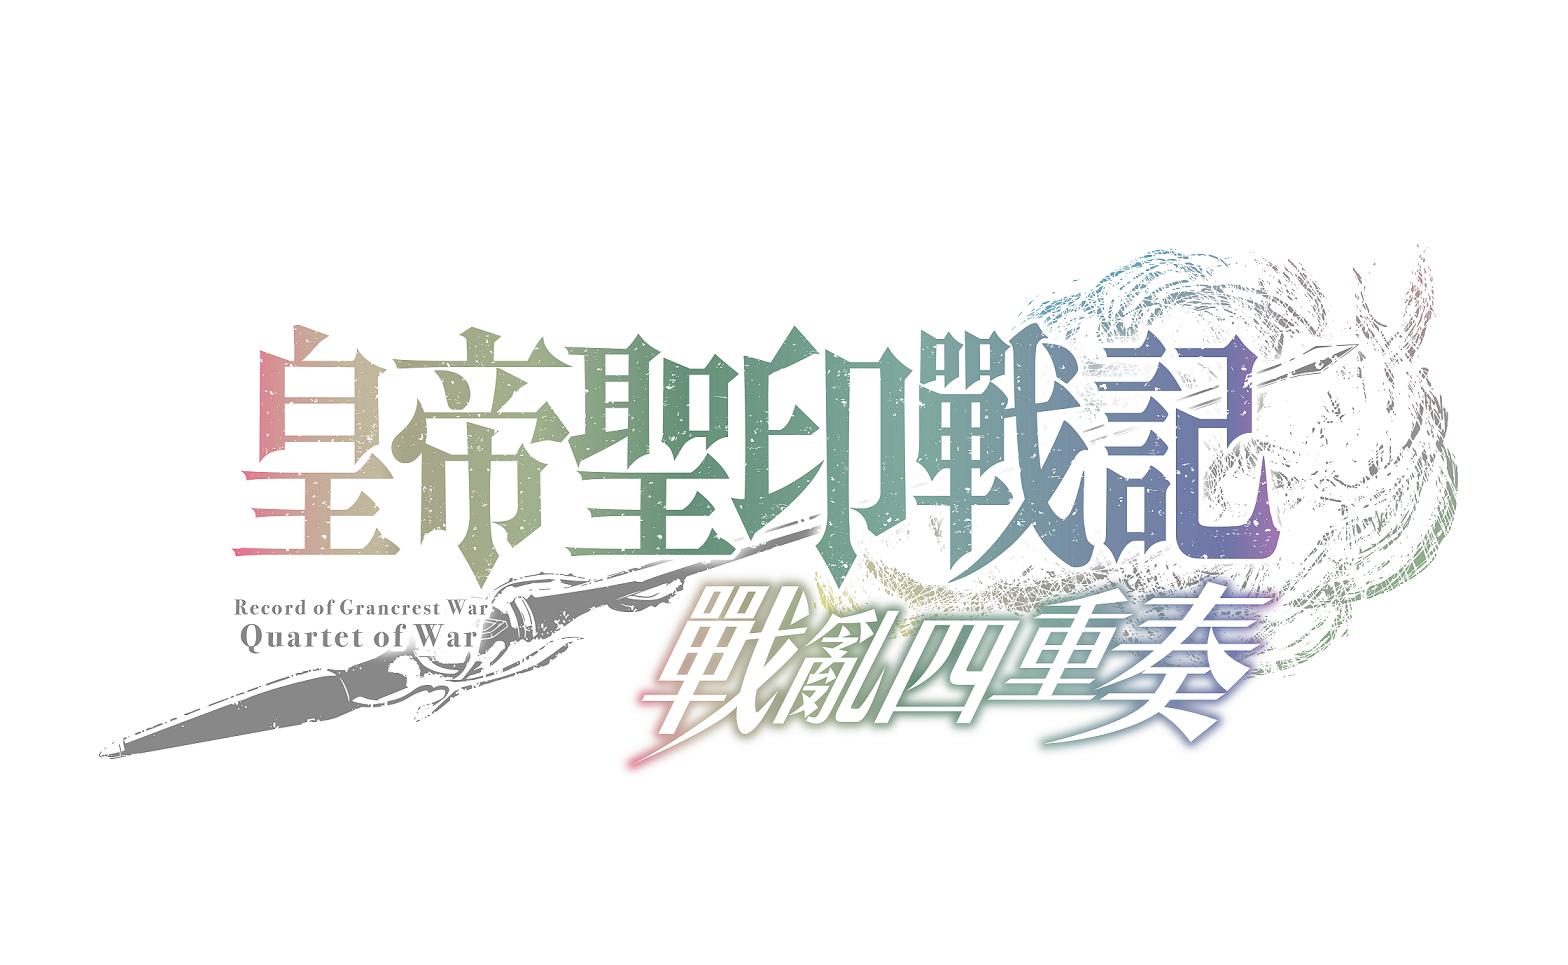 《皇帝聖印戰記 戰亂四重奏》 全球事前登錄人數突破1萬! 公開台灣媒體試玩會之部分內容